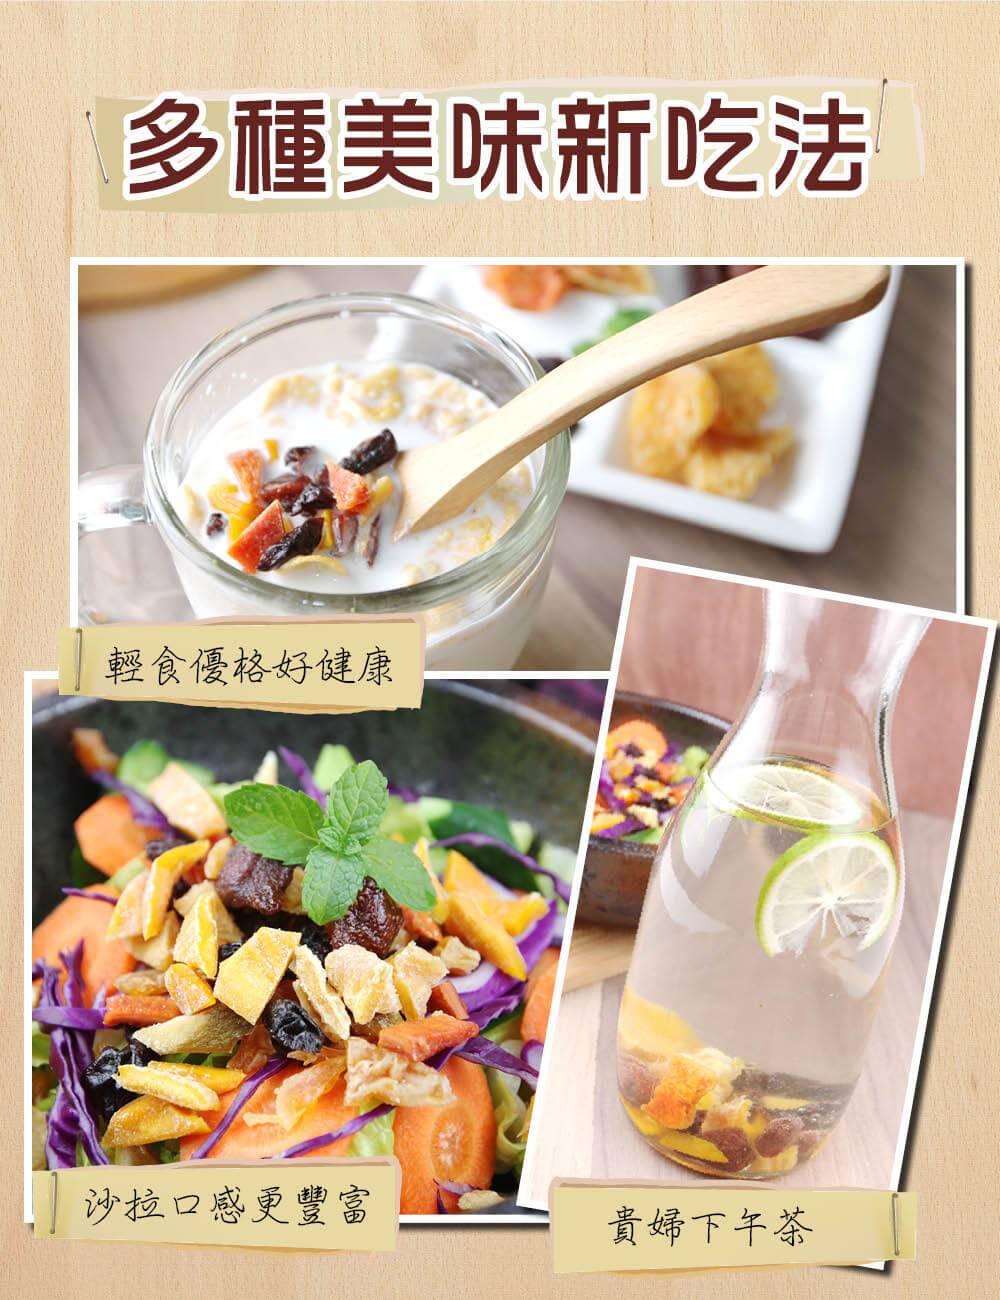 果然美味 芒果水果乾-多種美味新吃法